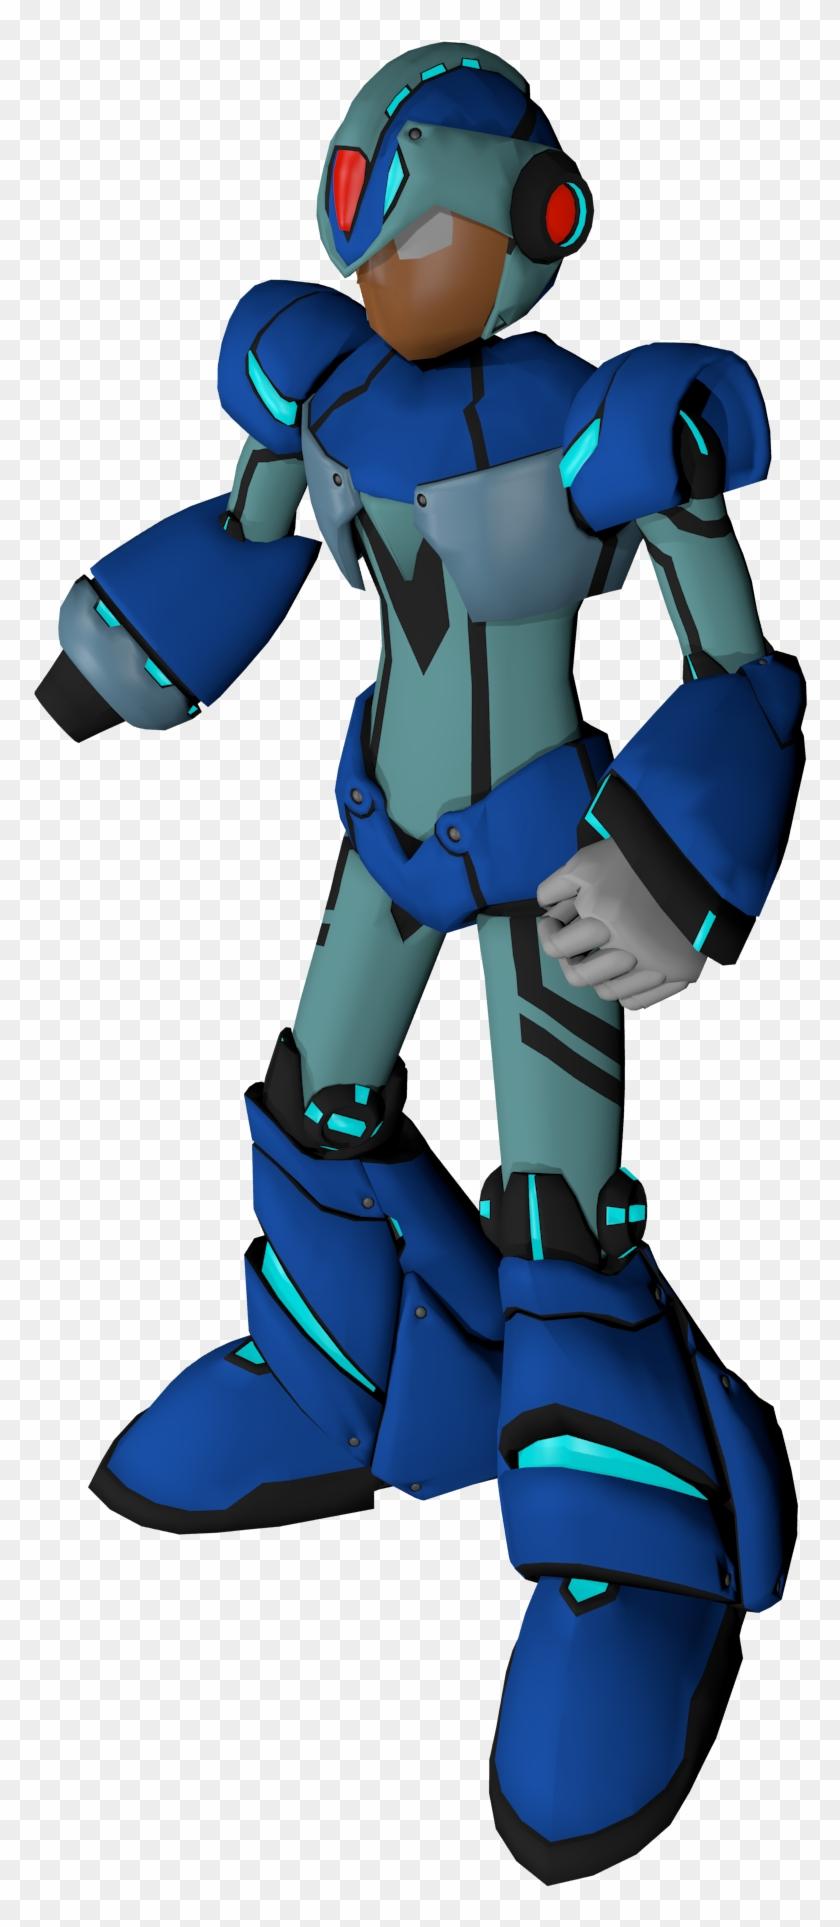 Megaman Zero Wallpaper Megaman Zero Wallpaper - Mega Man - Free